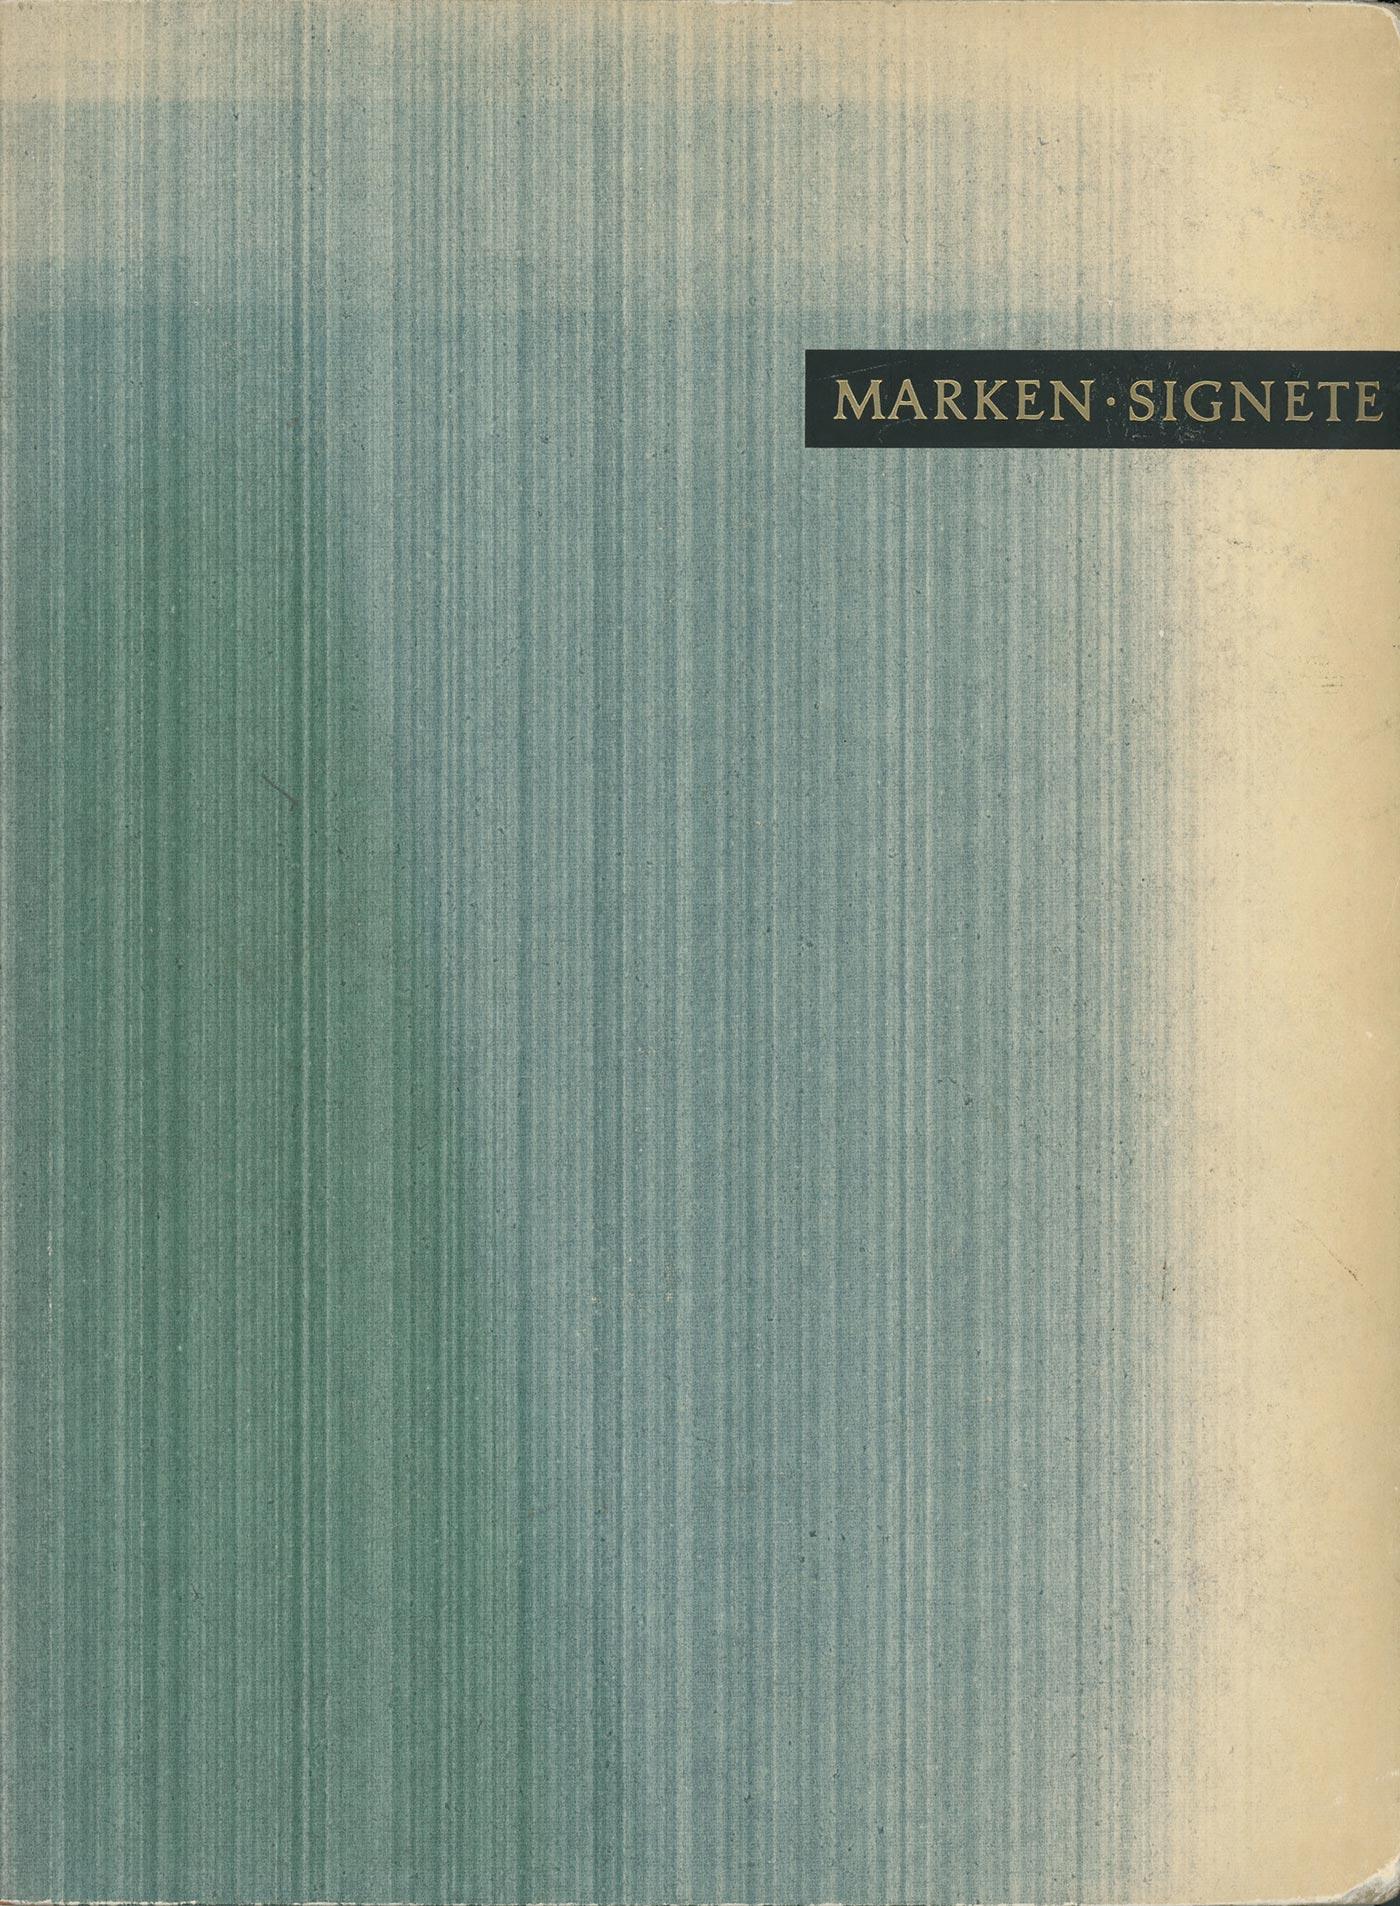 Marken und Signete book 1957